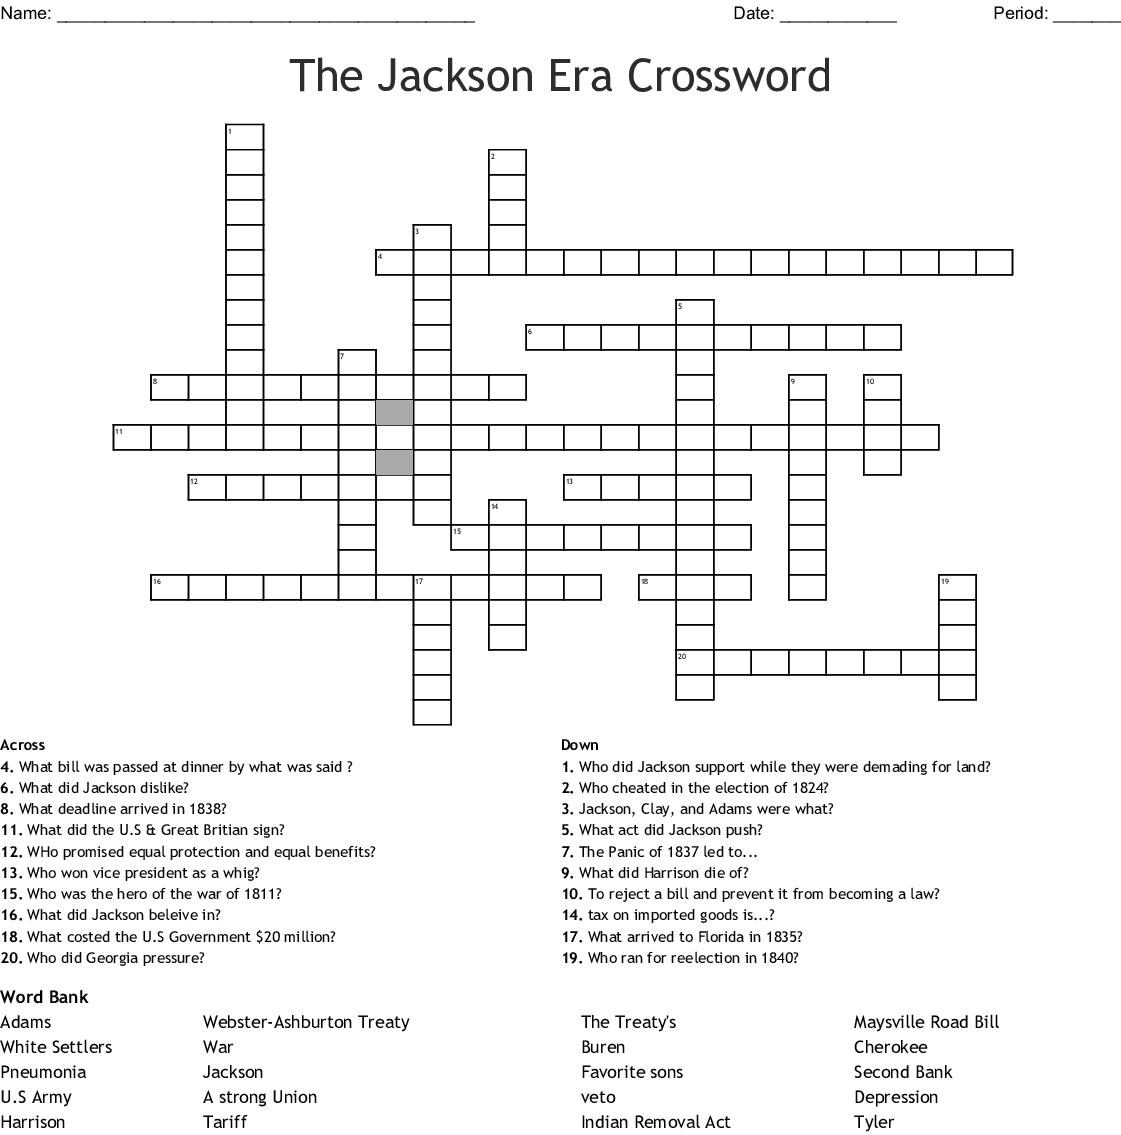 The Jackson Era Crossword